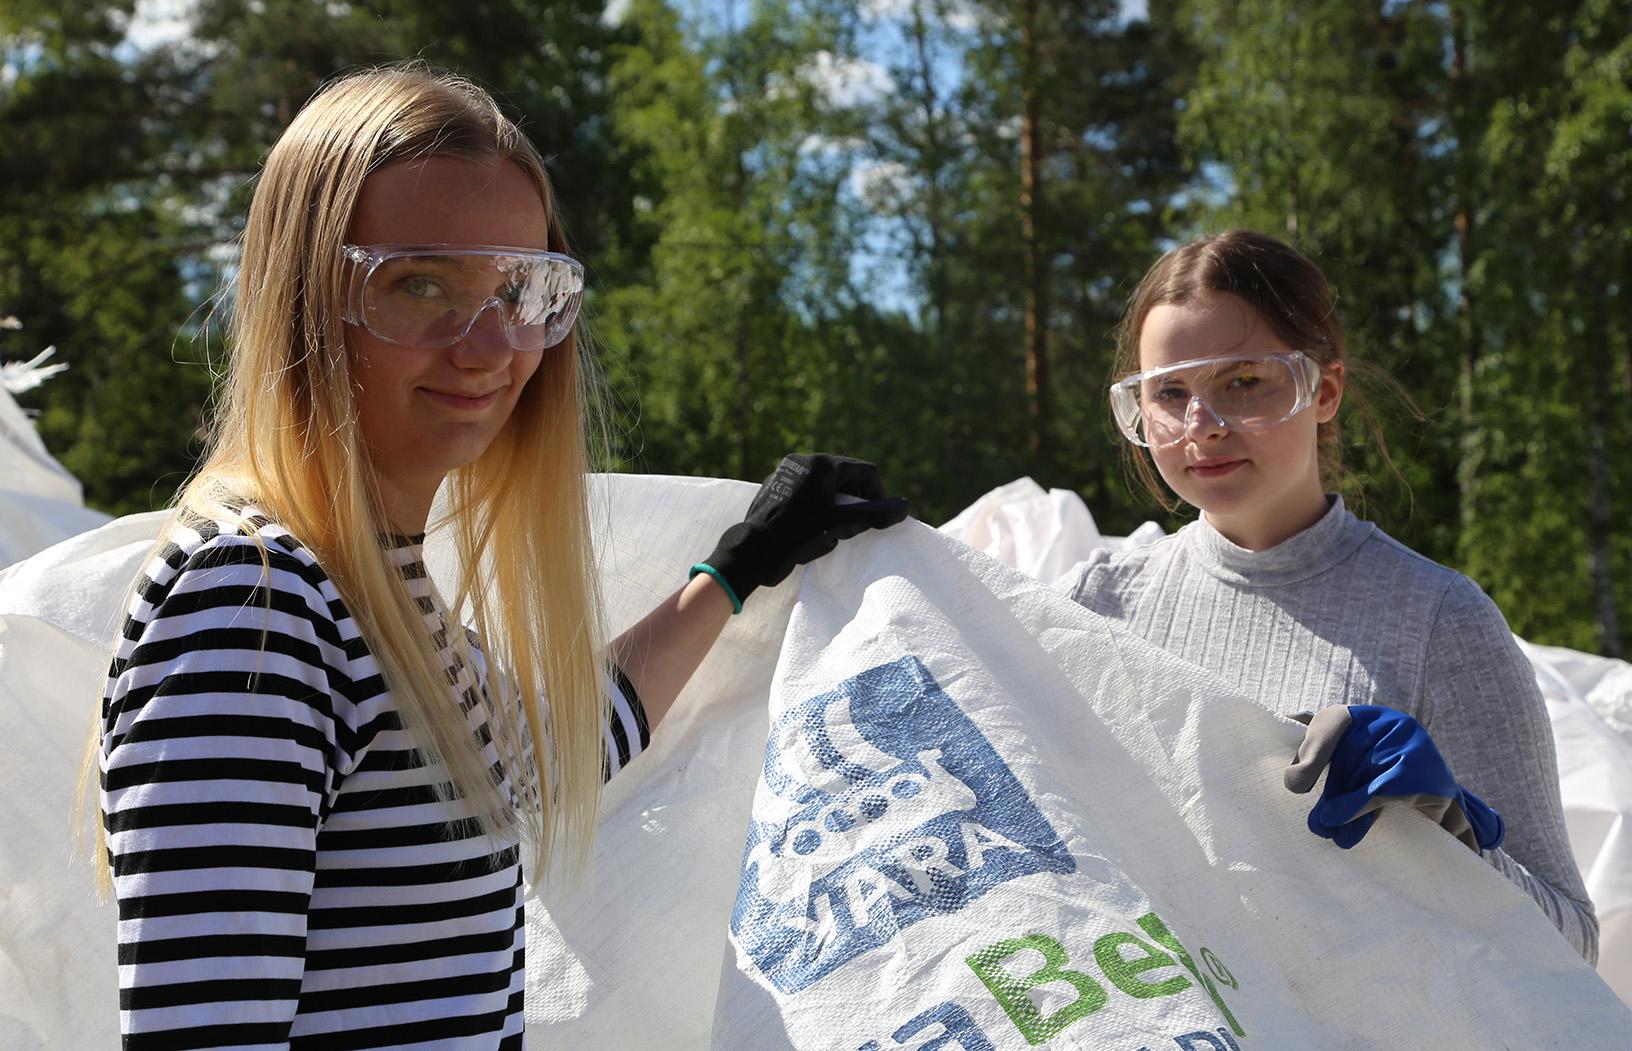 Säckinsamlingen Rejäl handling startar igen featured image